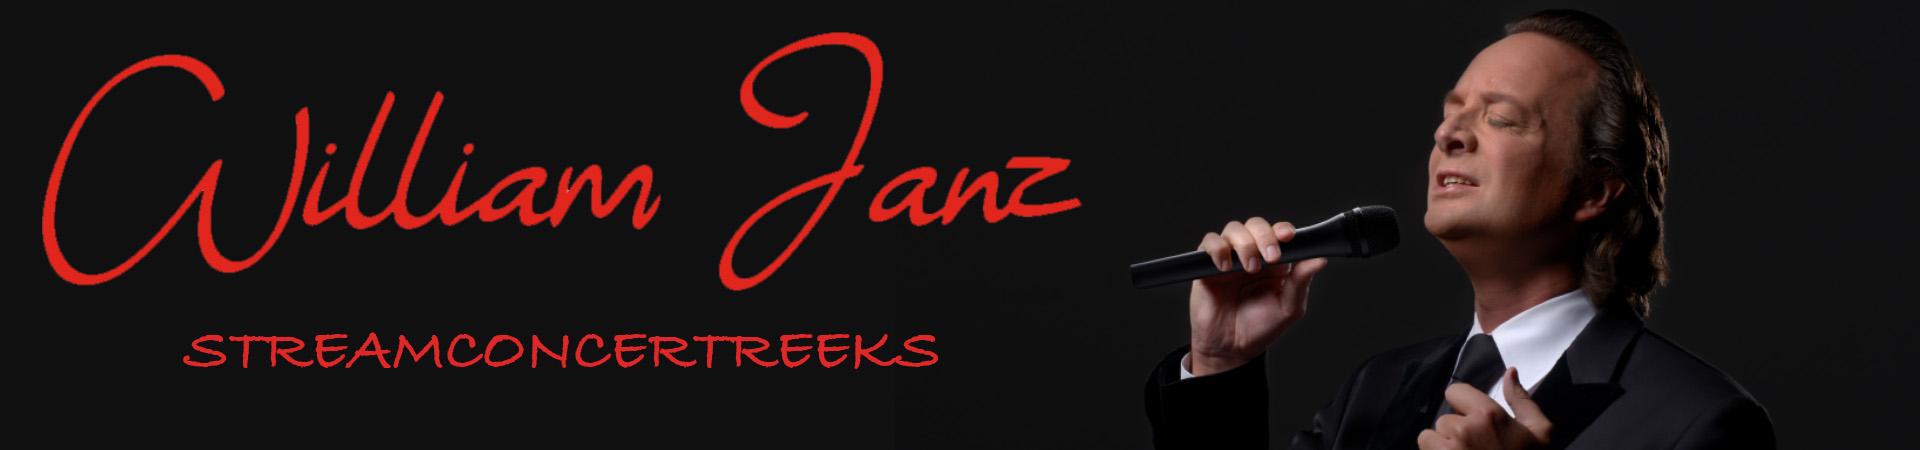 William Janz streamconcerten 1920x450